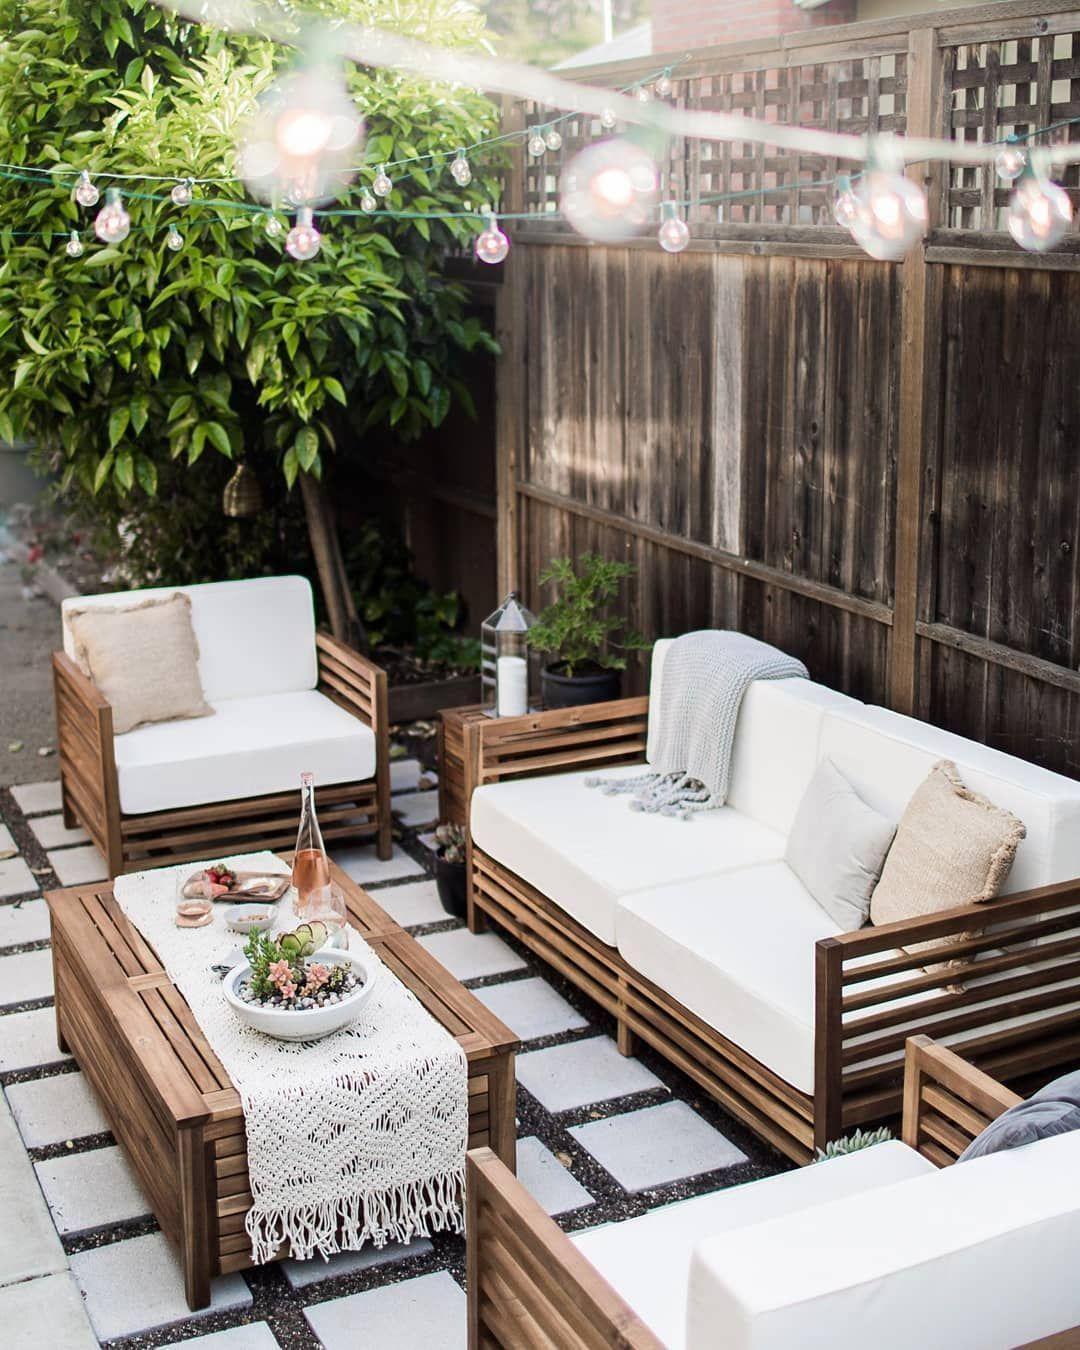 Outdoor Patio Outdoorfurniture Landscape Green Garden